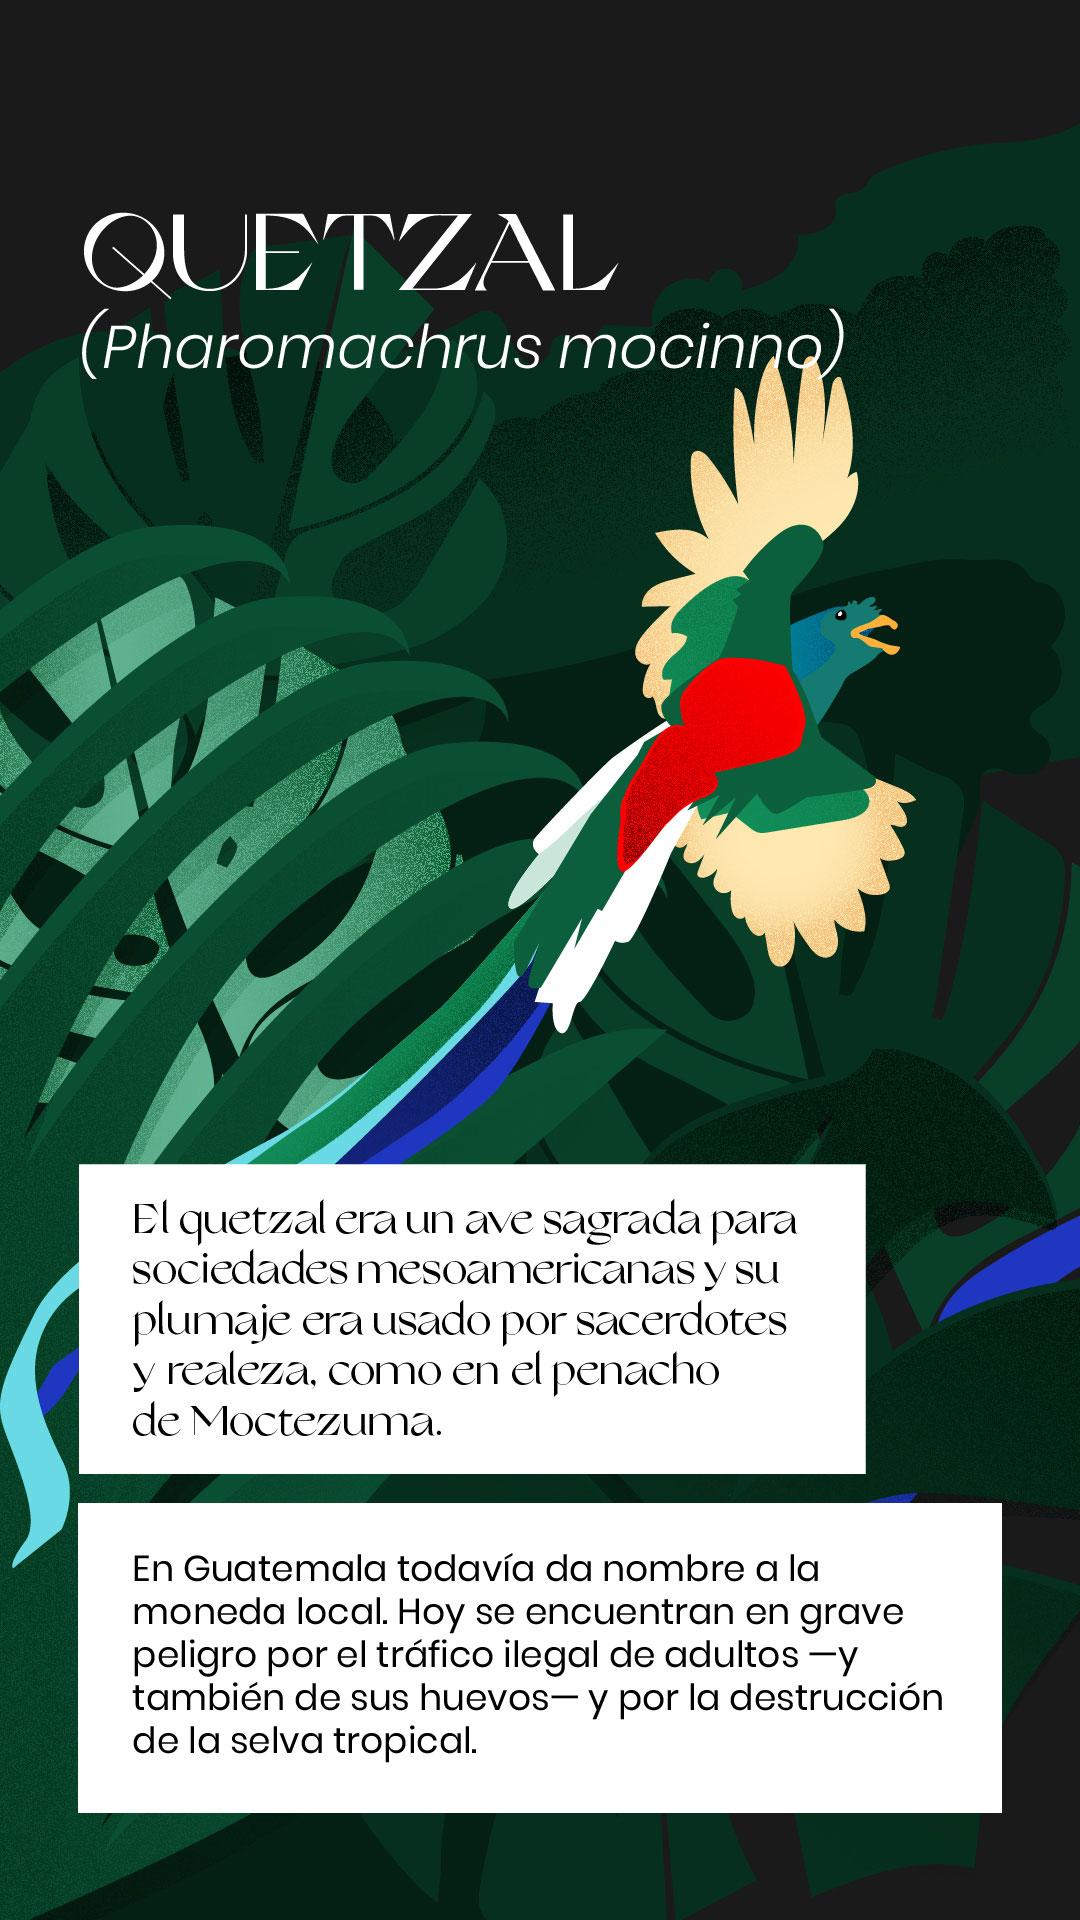 Quetzal extinción